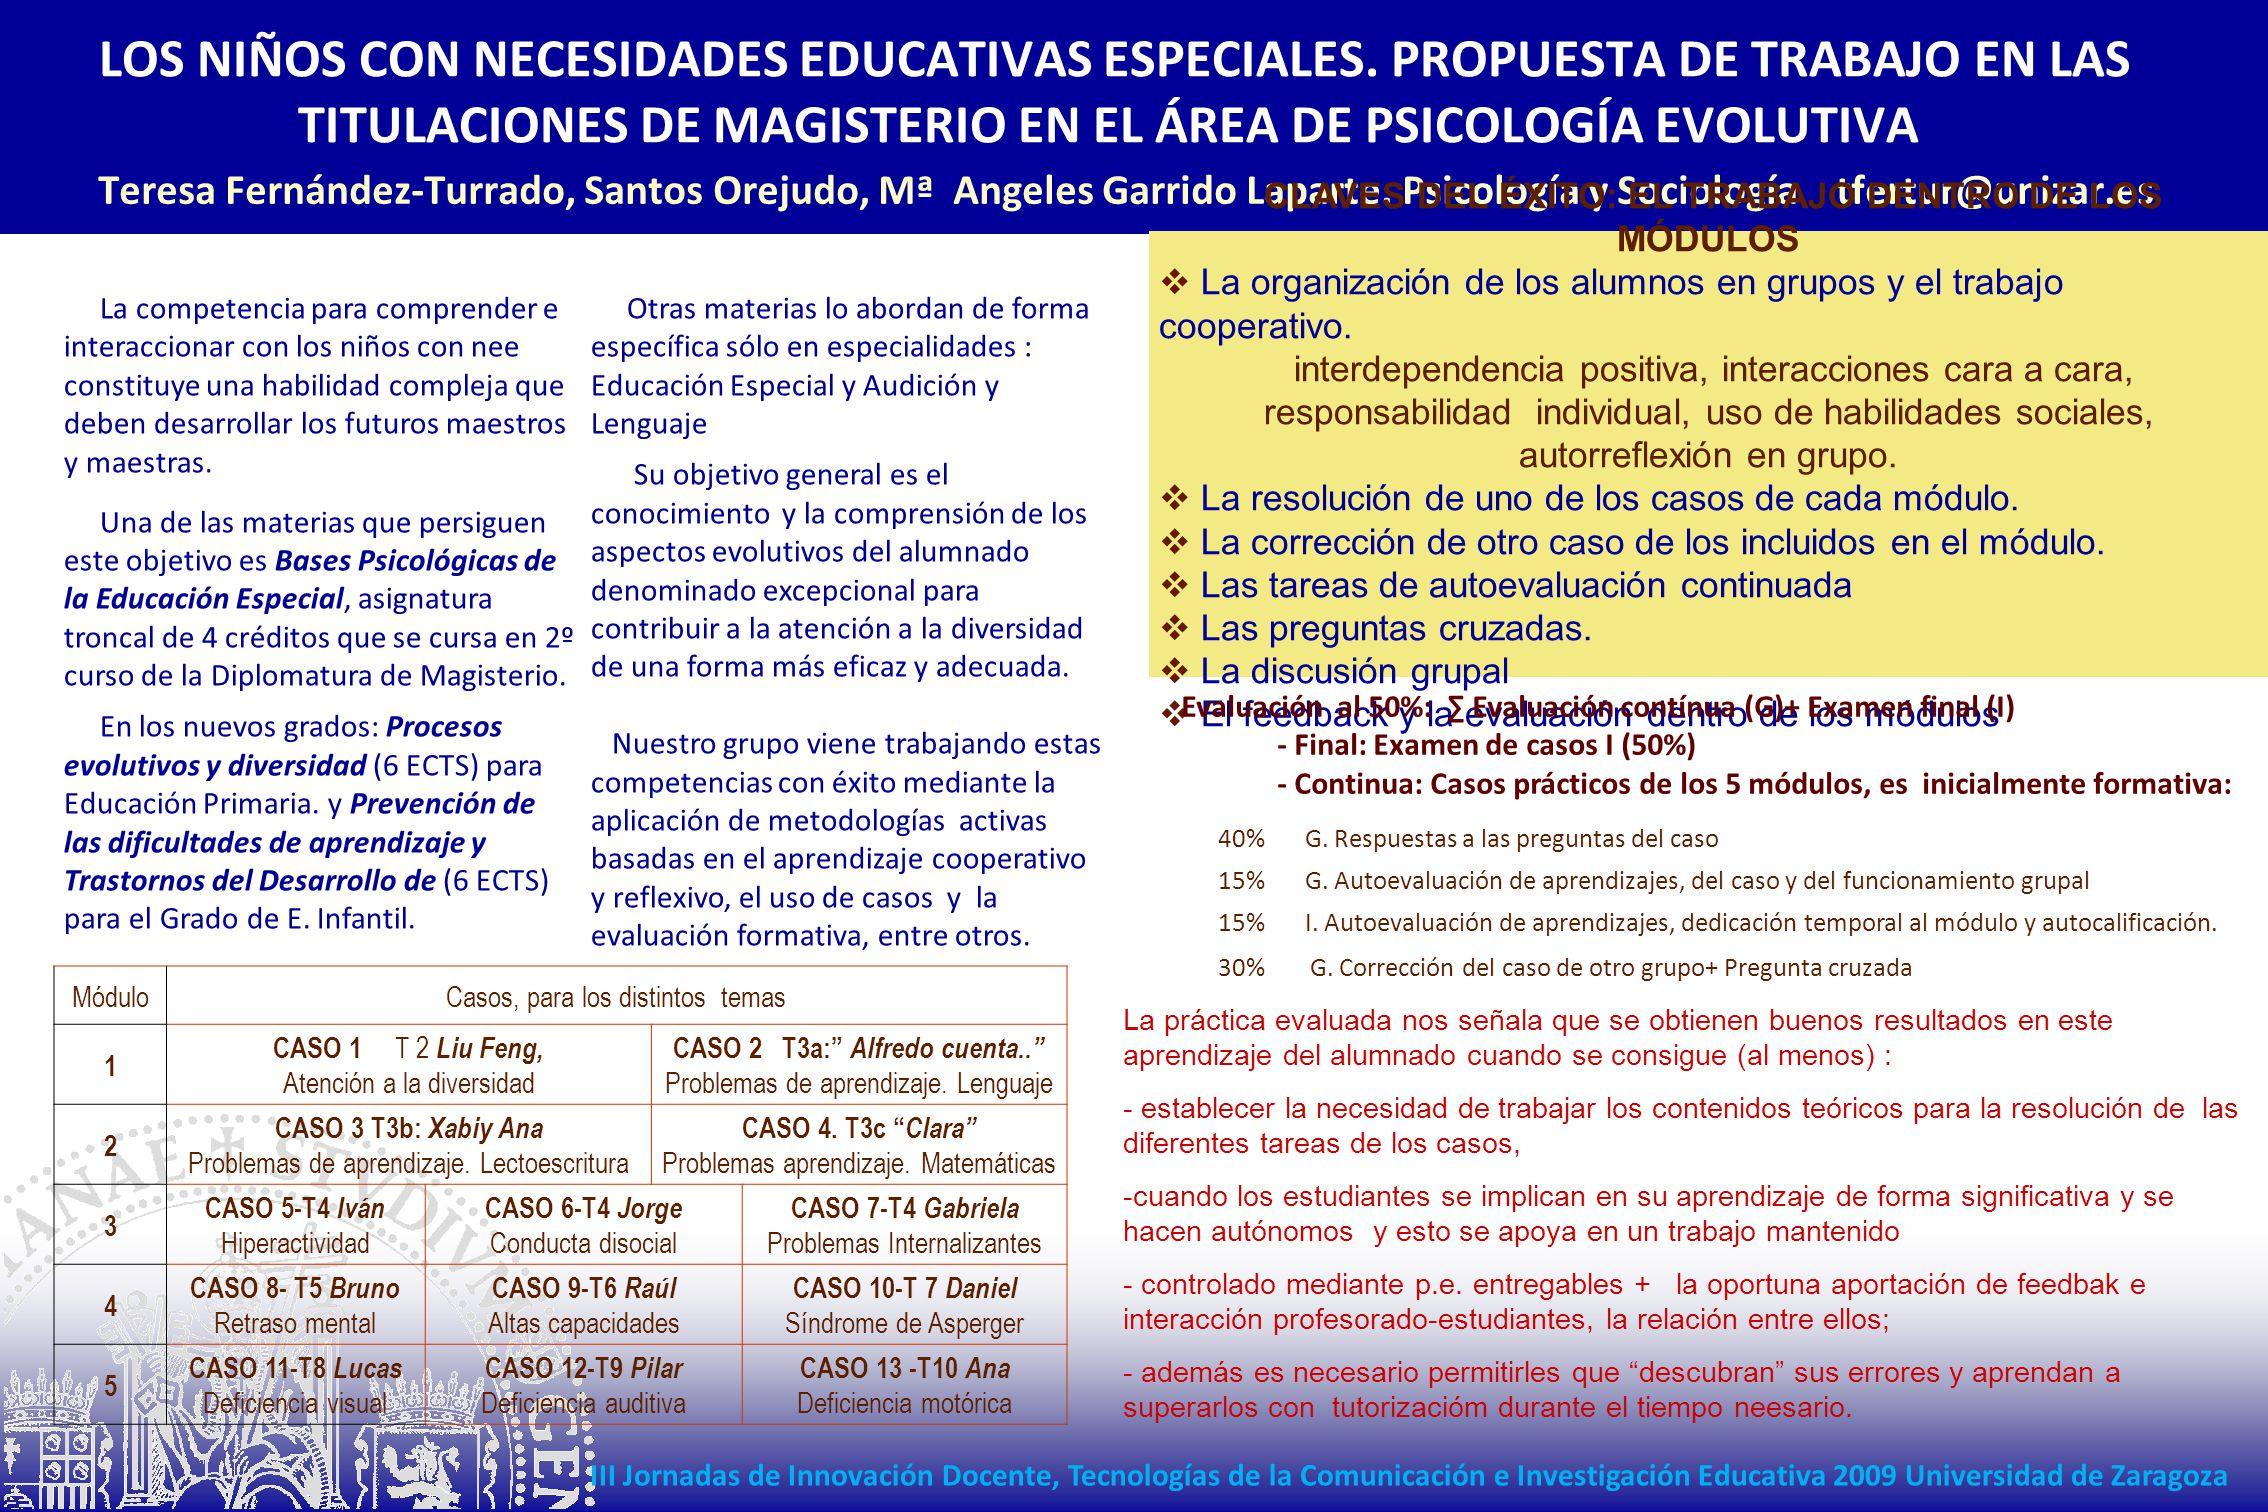 LOS NIÑOS CON NECESIDADES EDUCATIVAS ESPECIALES. PROPUESTA DE TRABAJO EN LAS TITULACIONES DE MAGISTERIO EN EL ÁREA DE PSICOLOGÍA EVOLUTIVA Teresa Fern